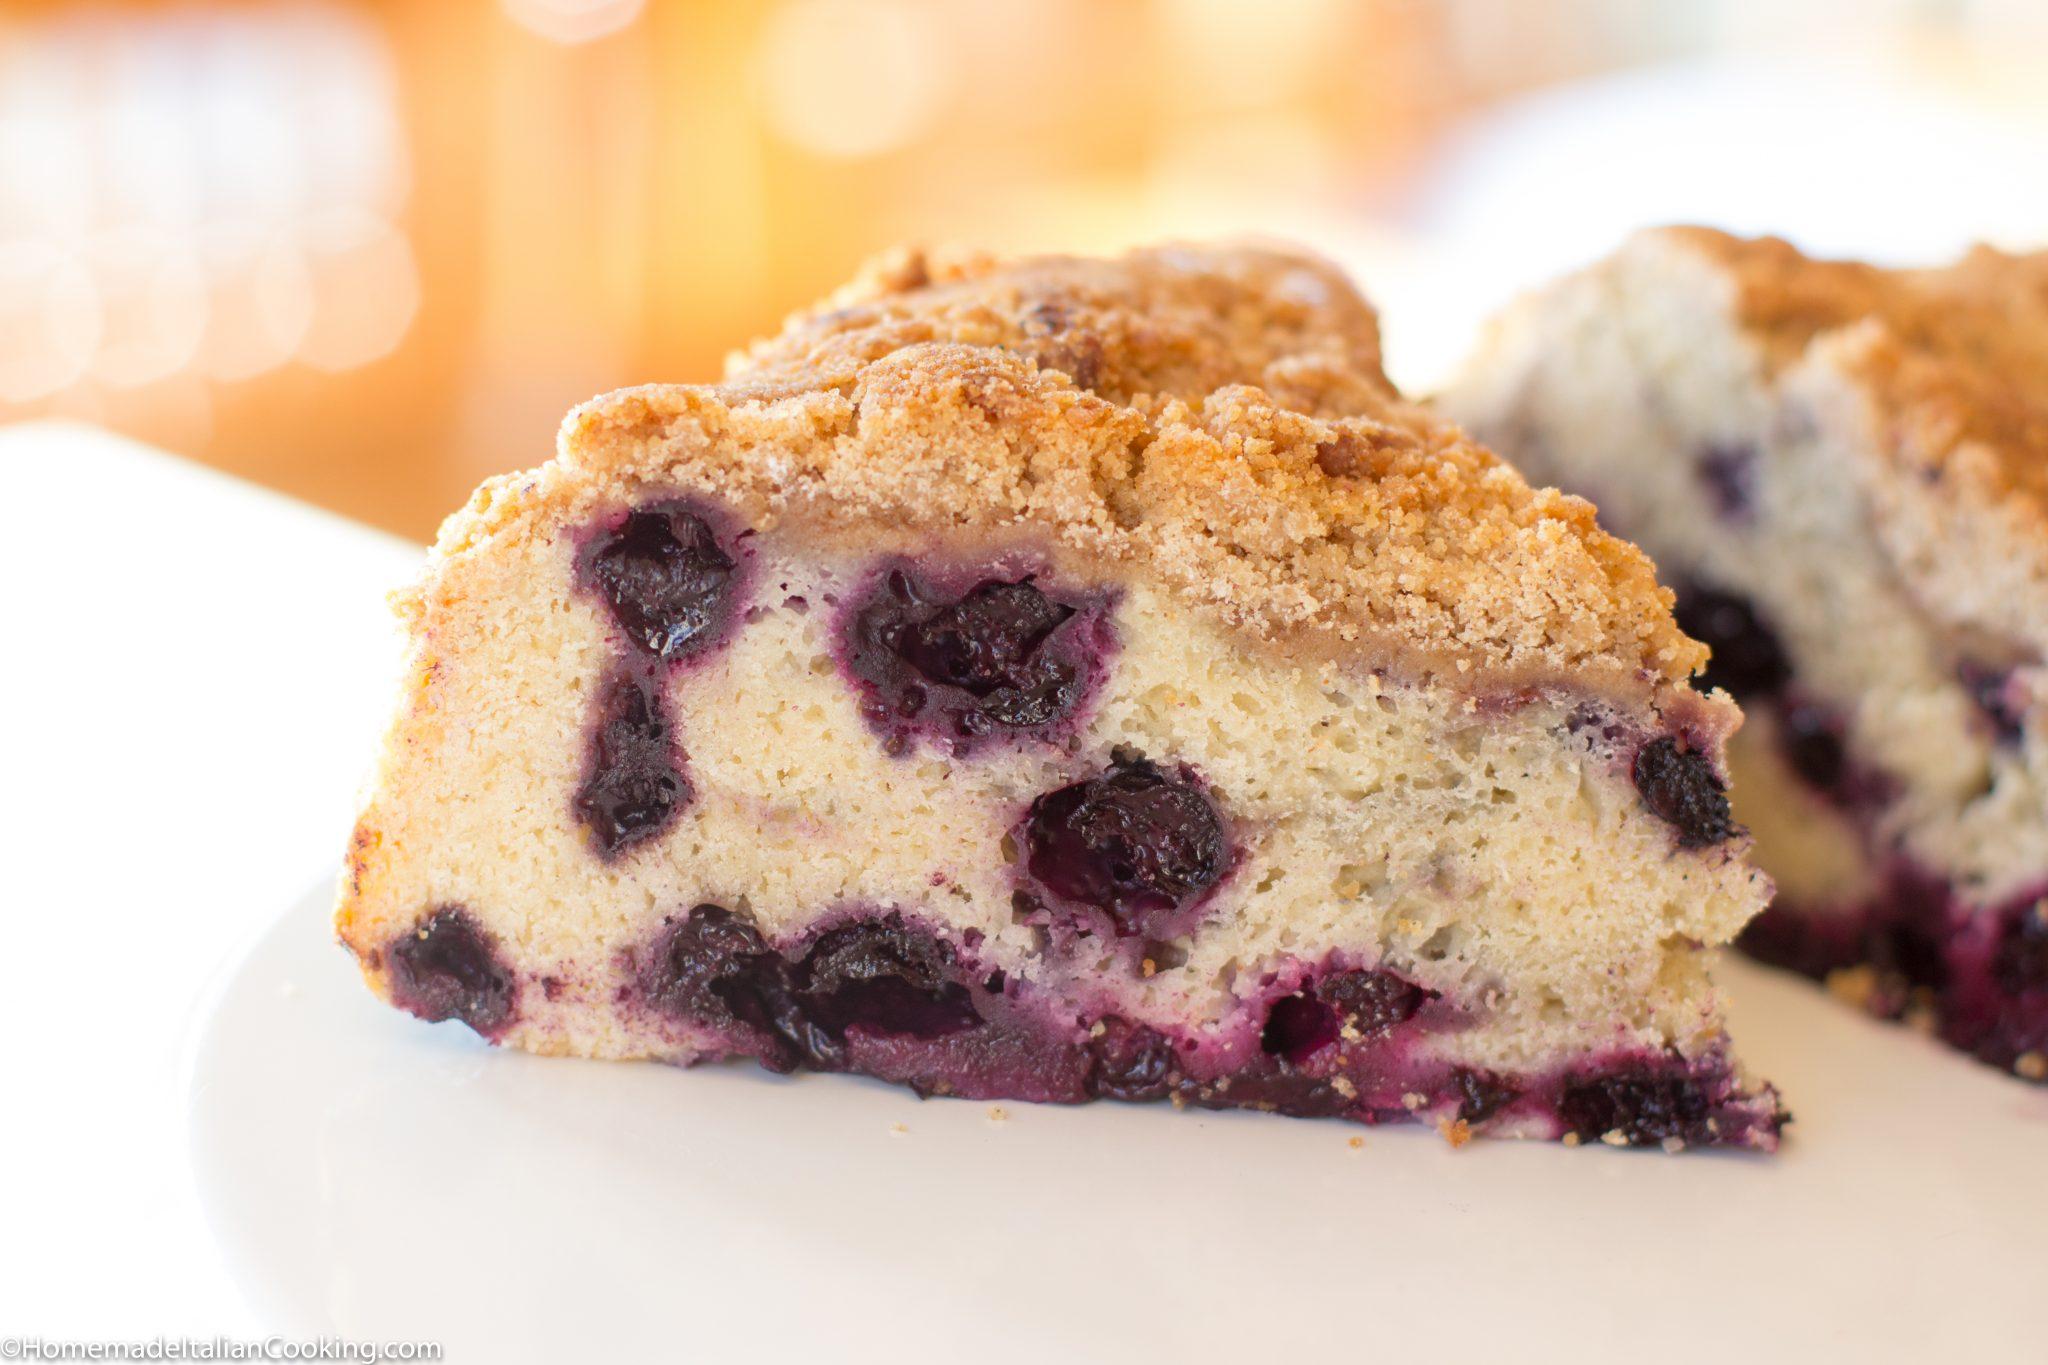 Smitten Kitchen Blueberry Coffee Cake